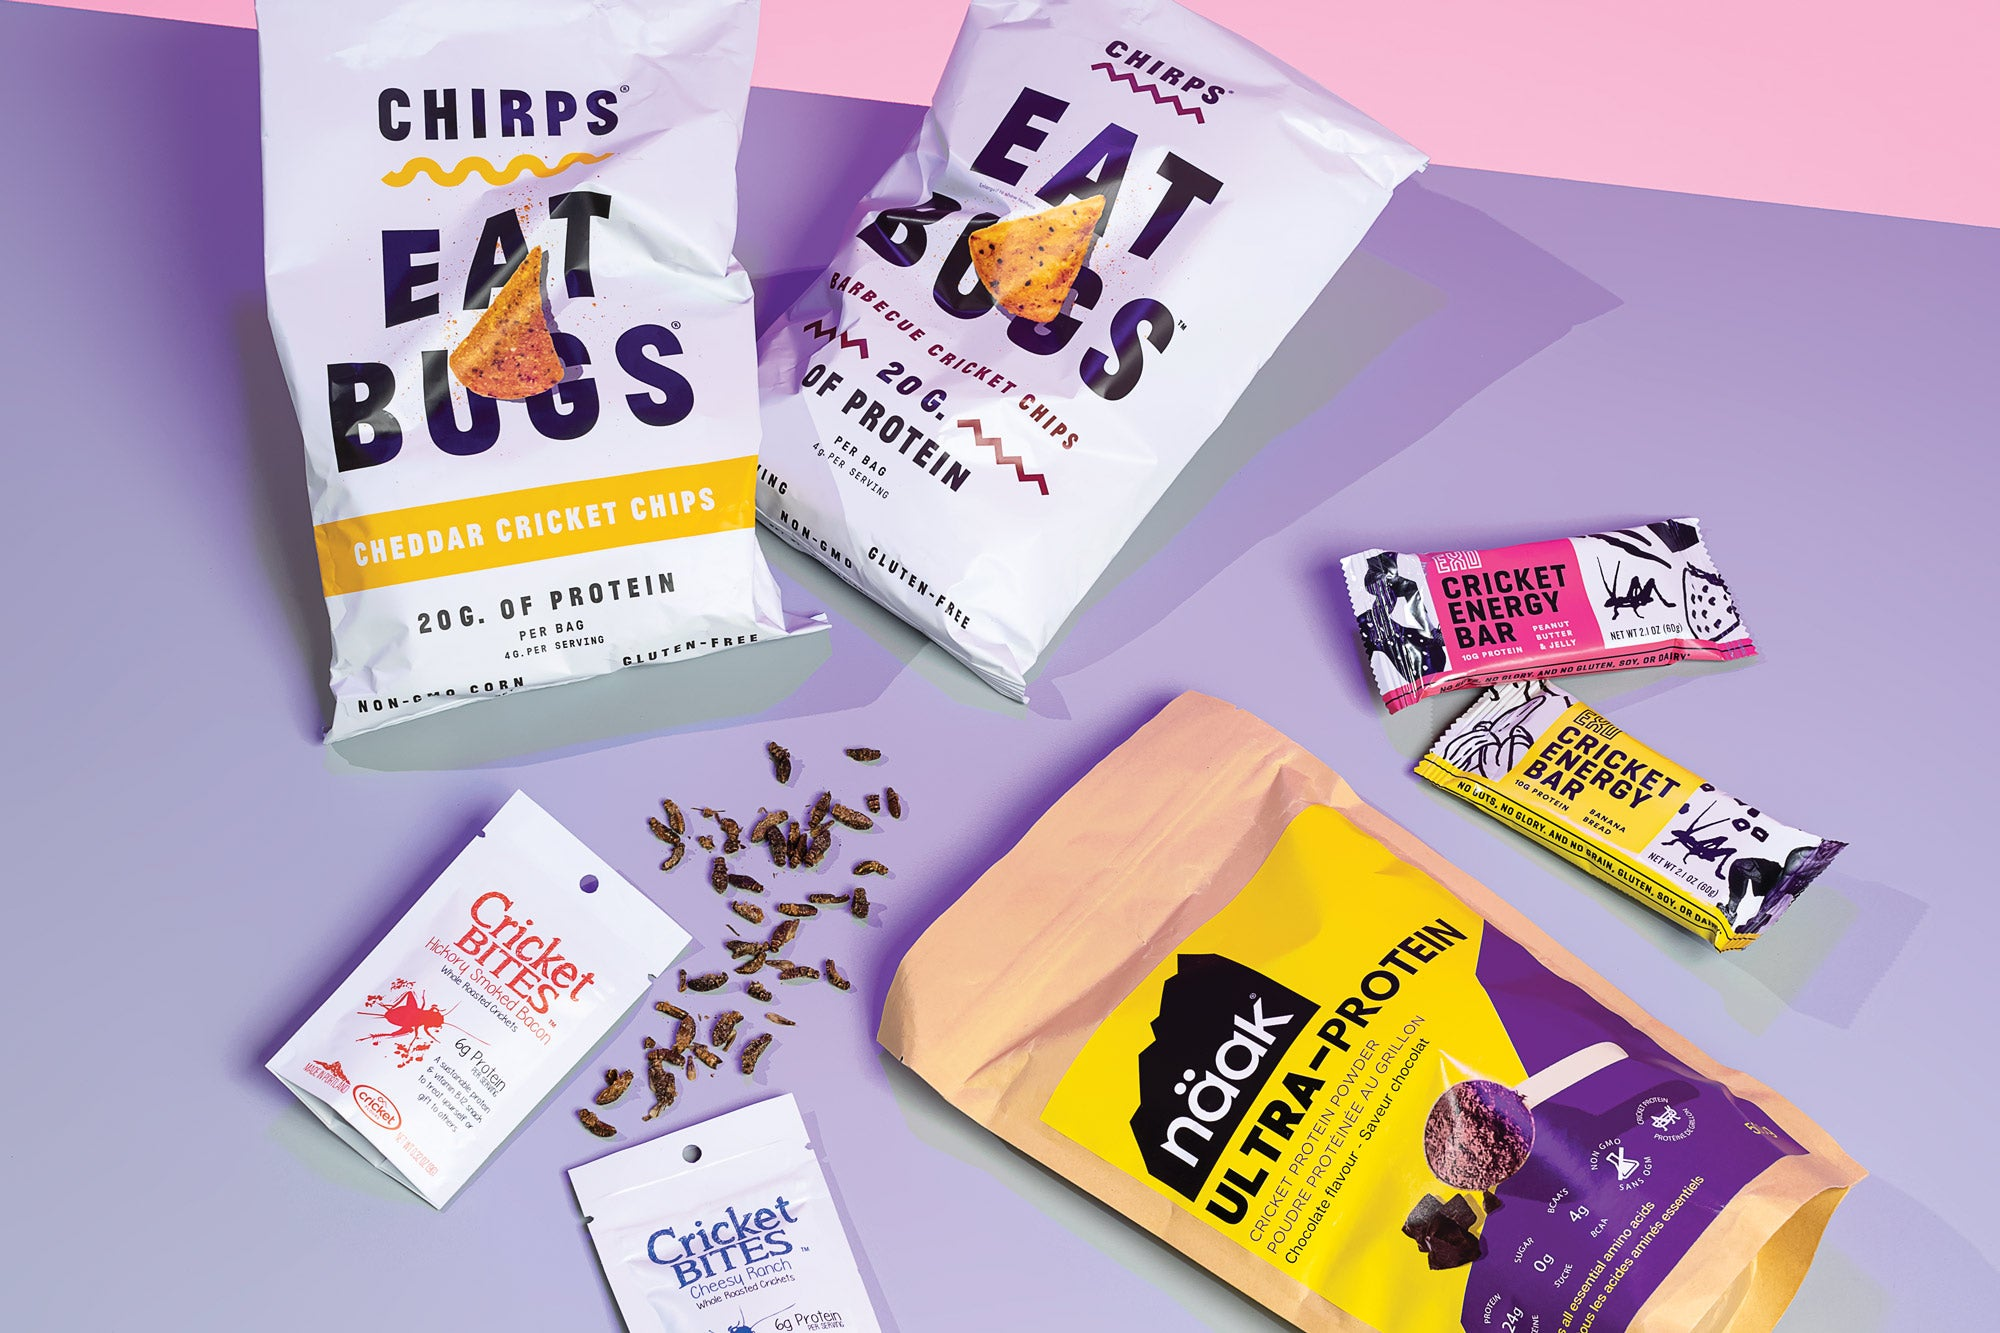 edible bug snacks